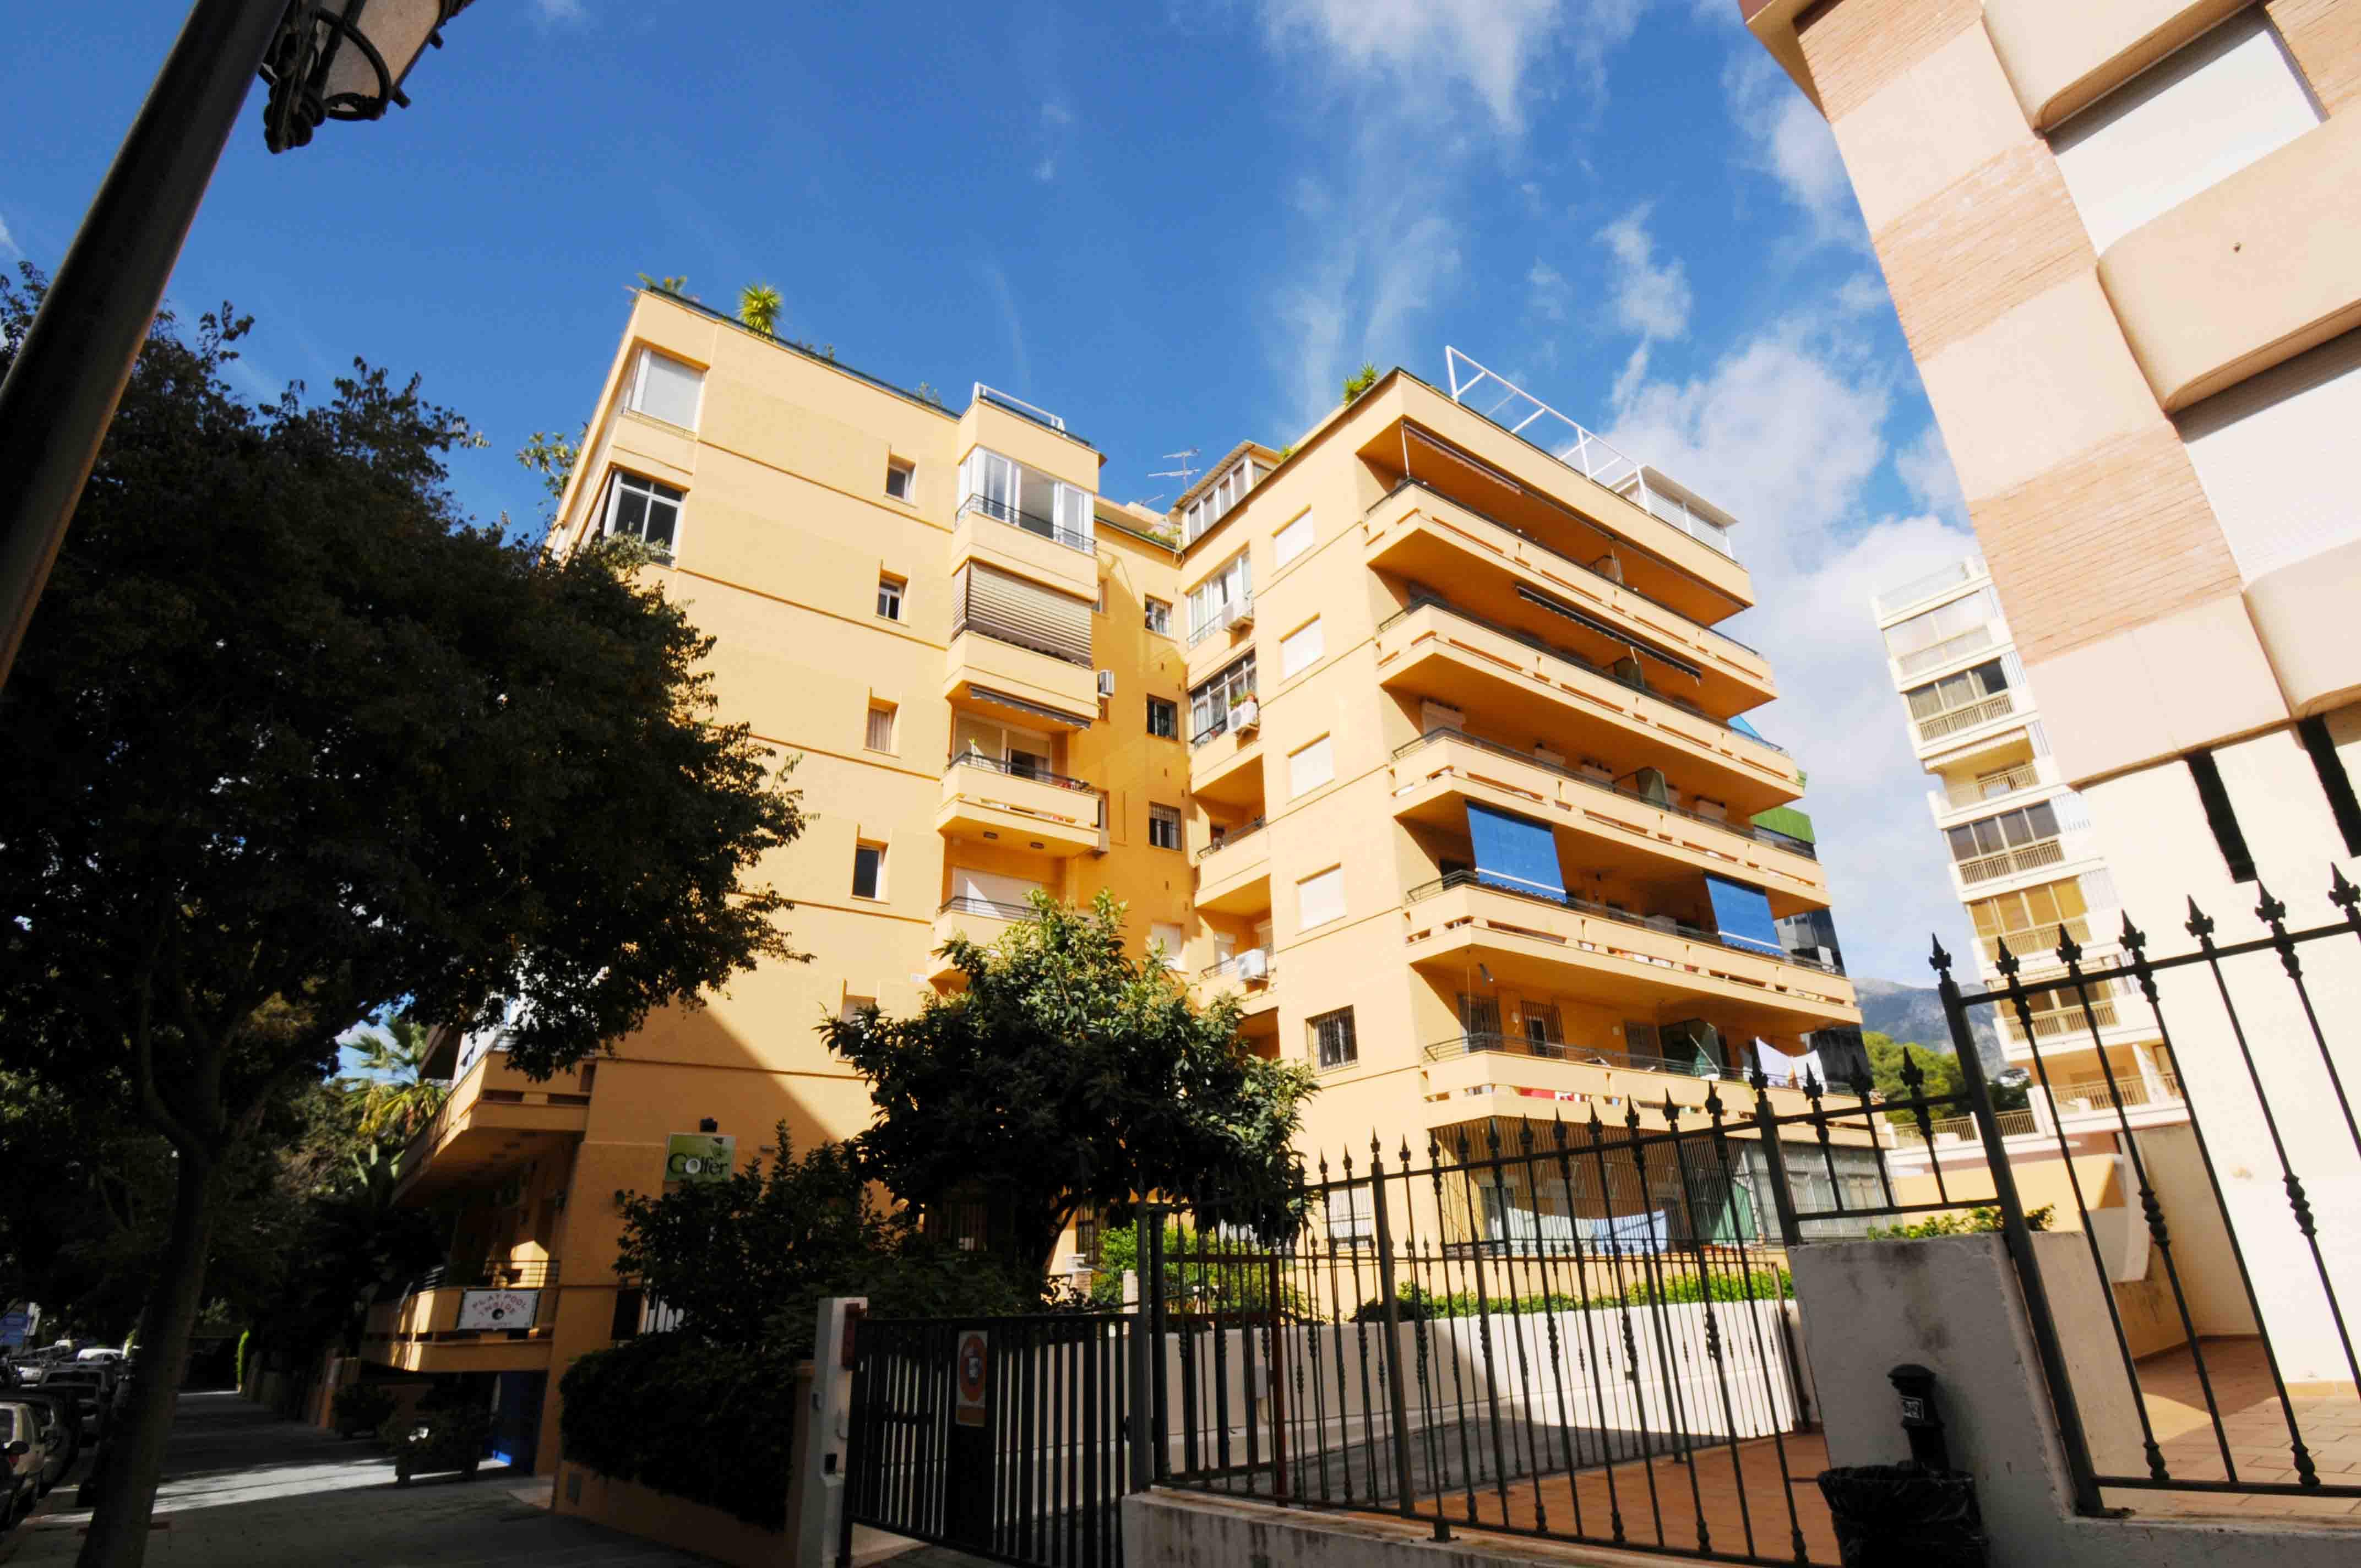 apartamento en alquiler centro de Marbella